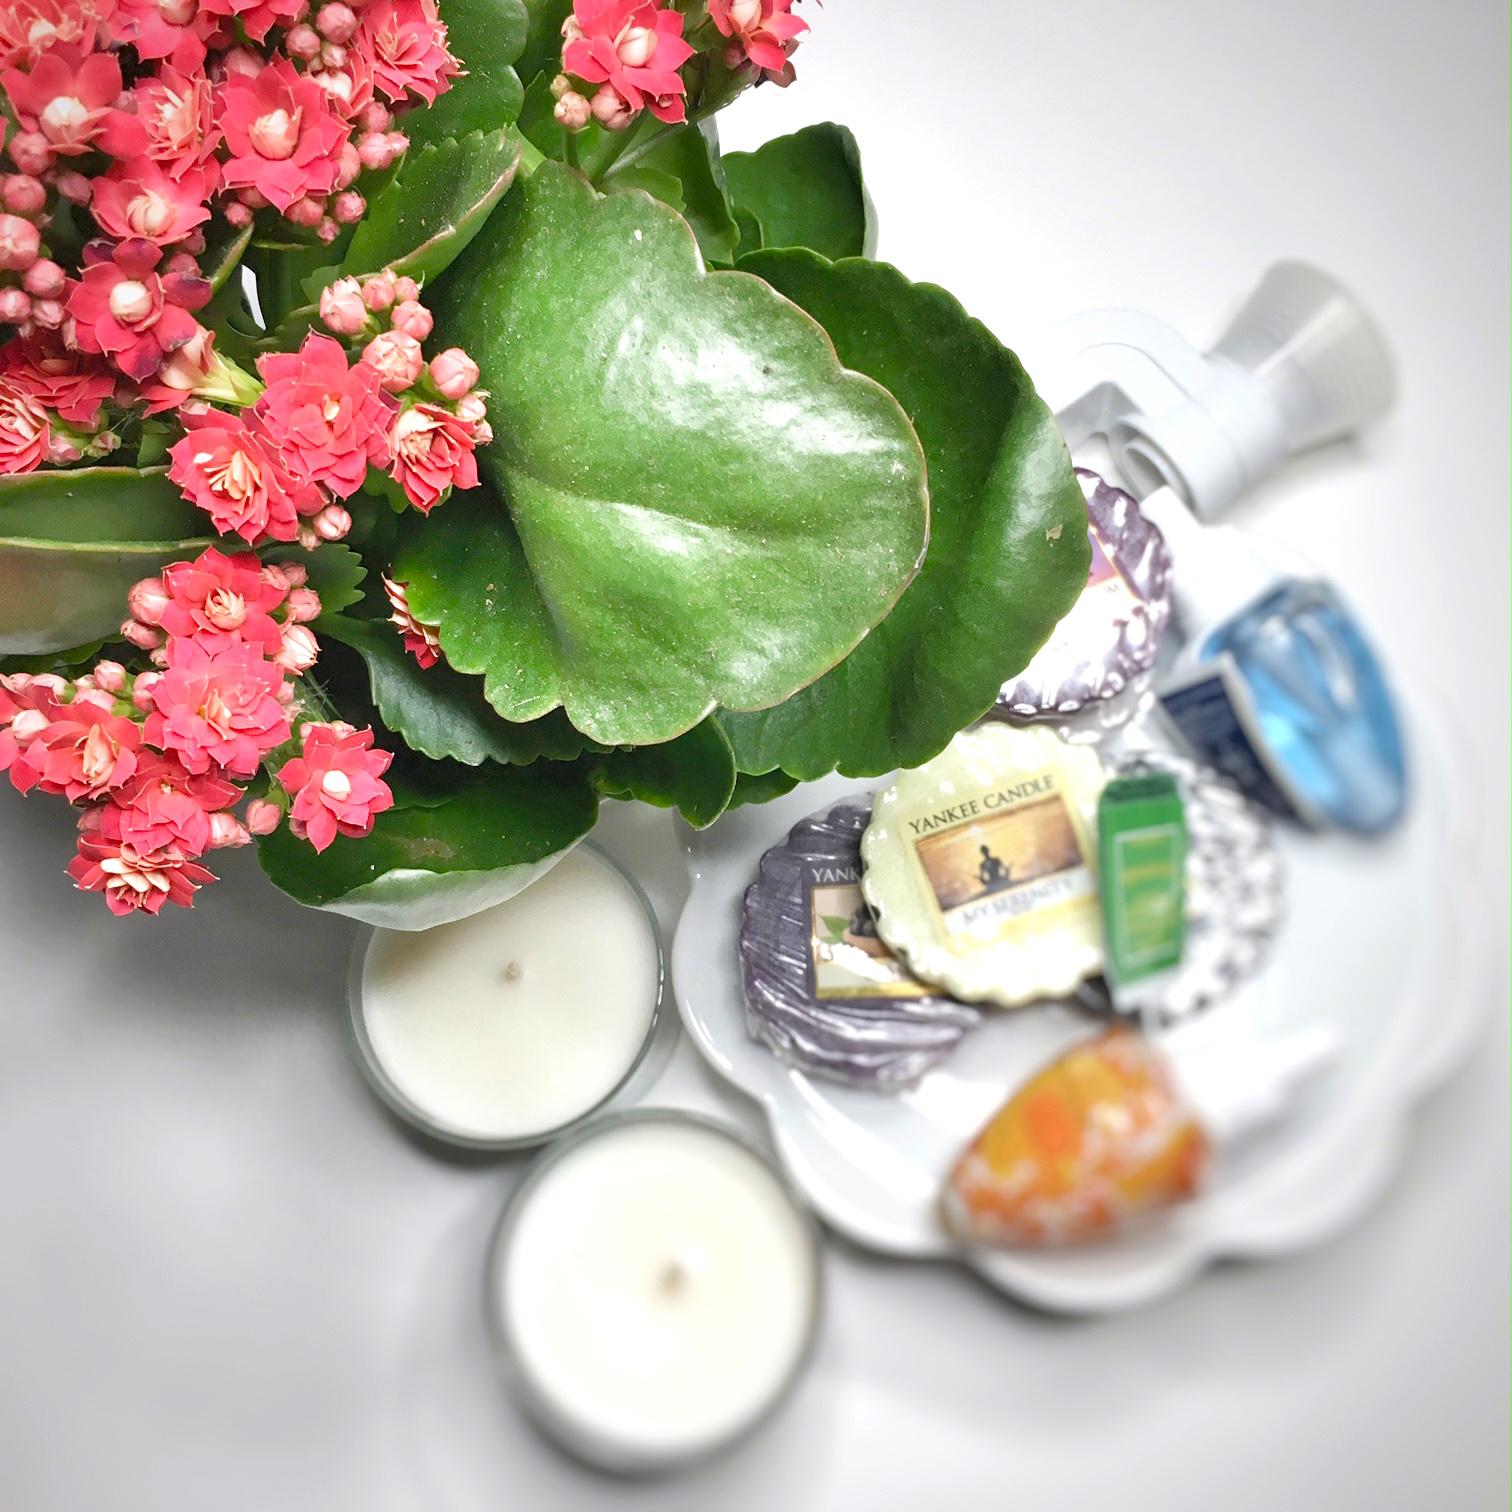 Zakupy niekosmetyczne, ulubiony zapach z Bath&Body Works i ostatni dzień rozdania